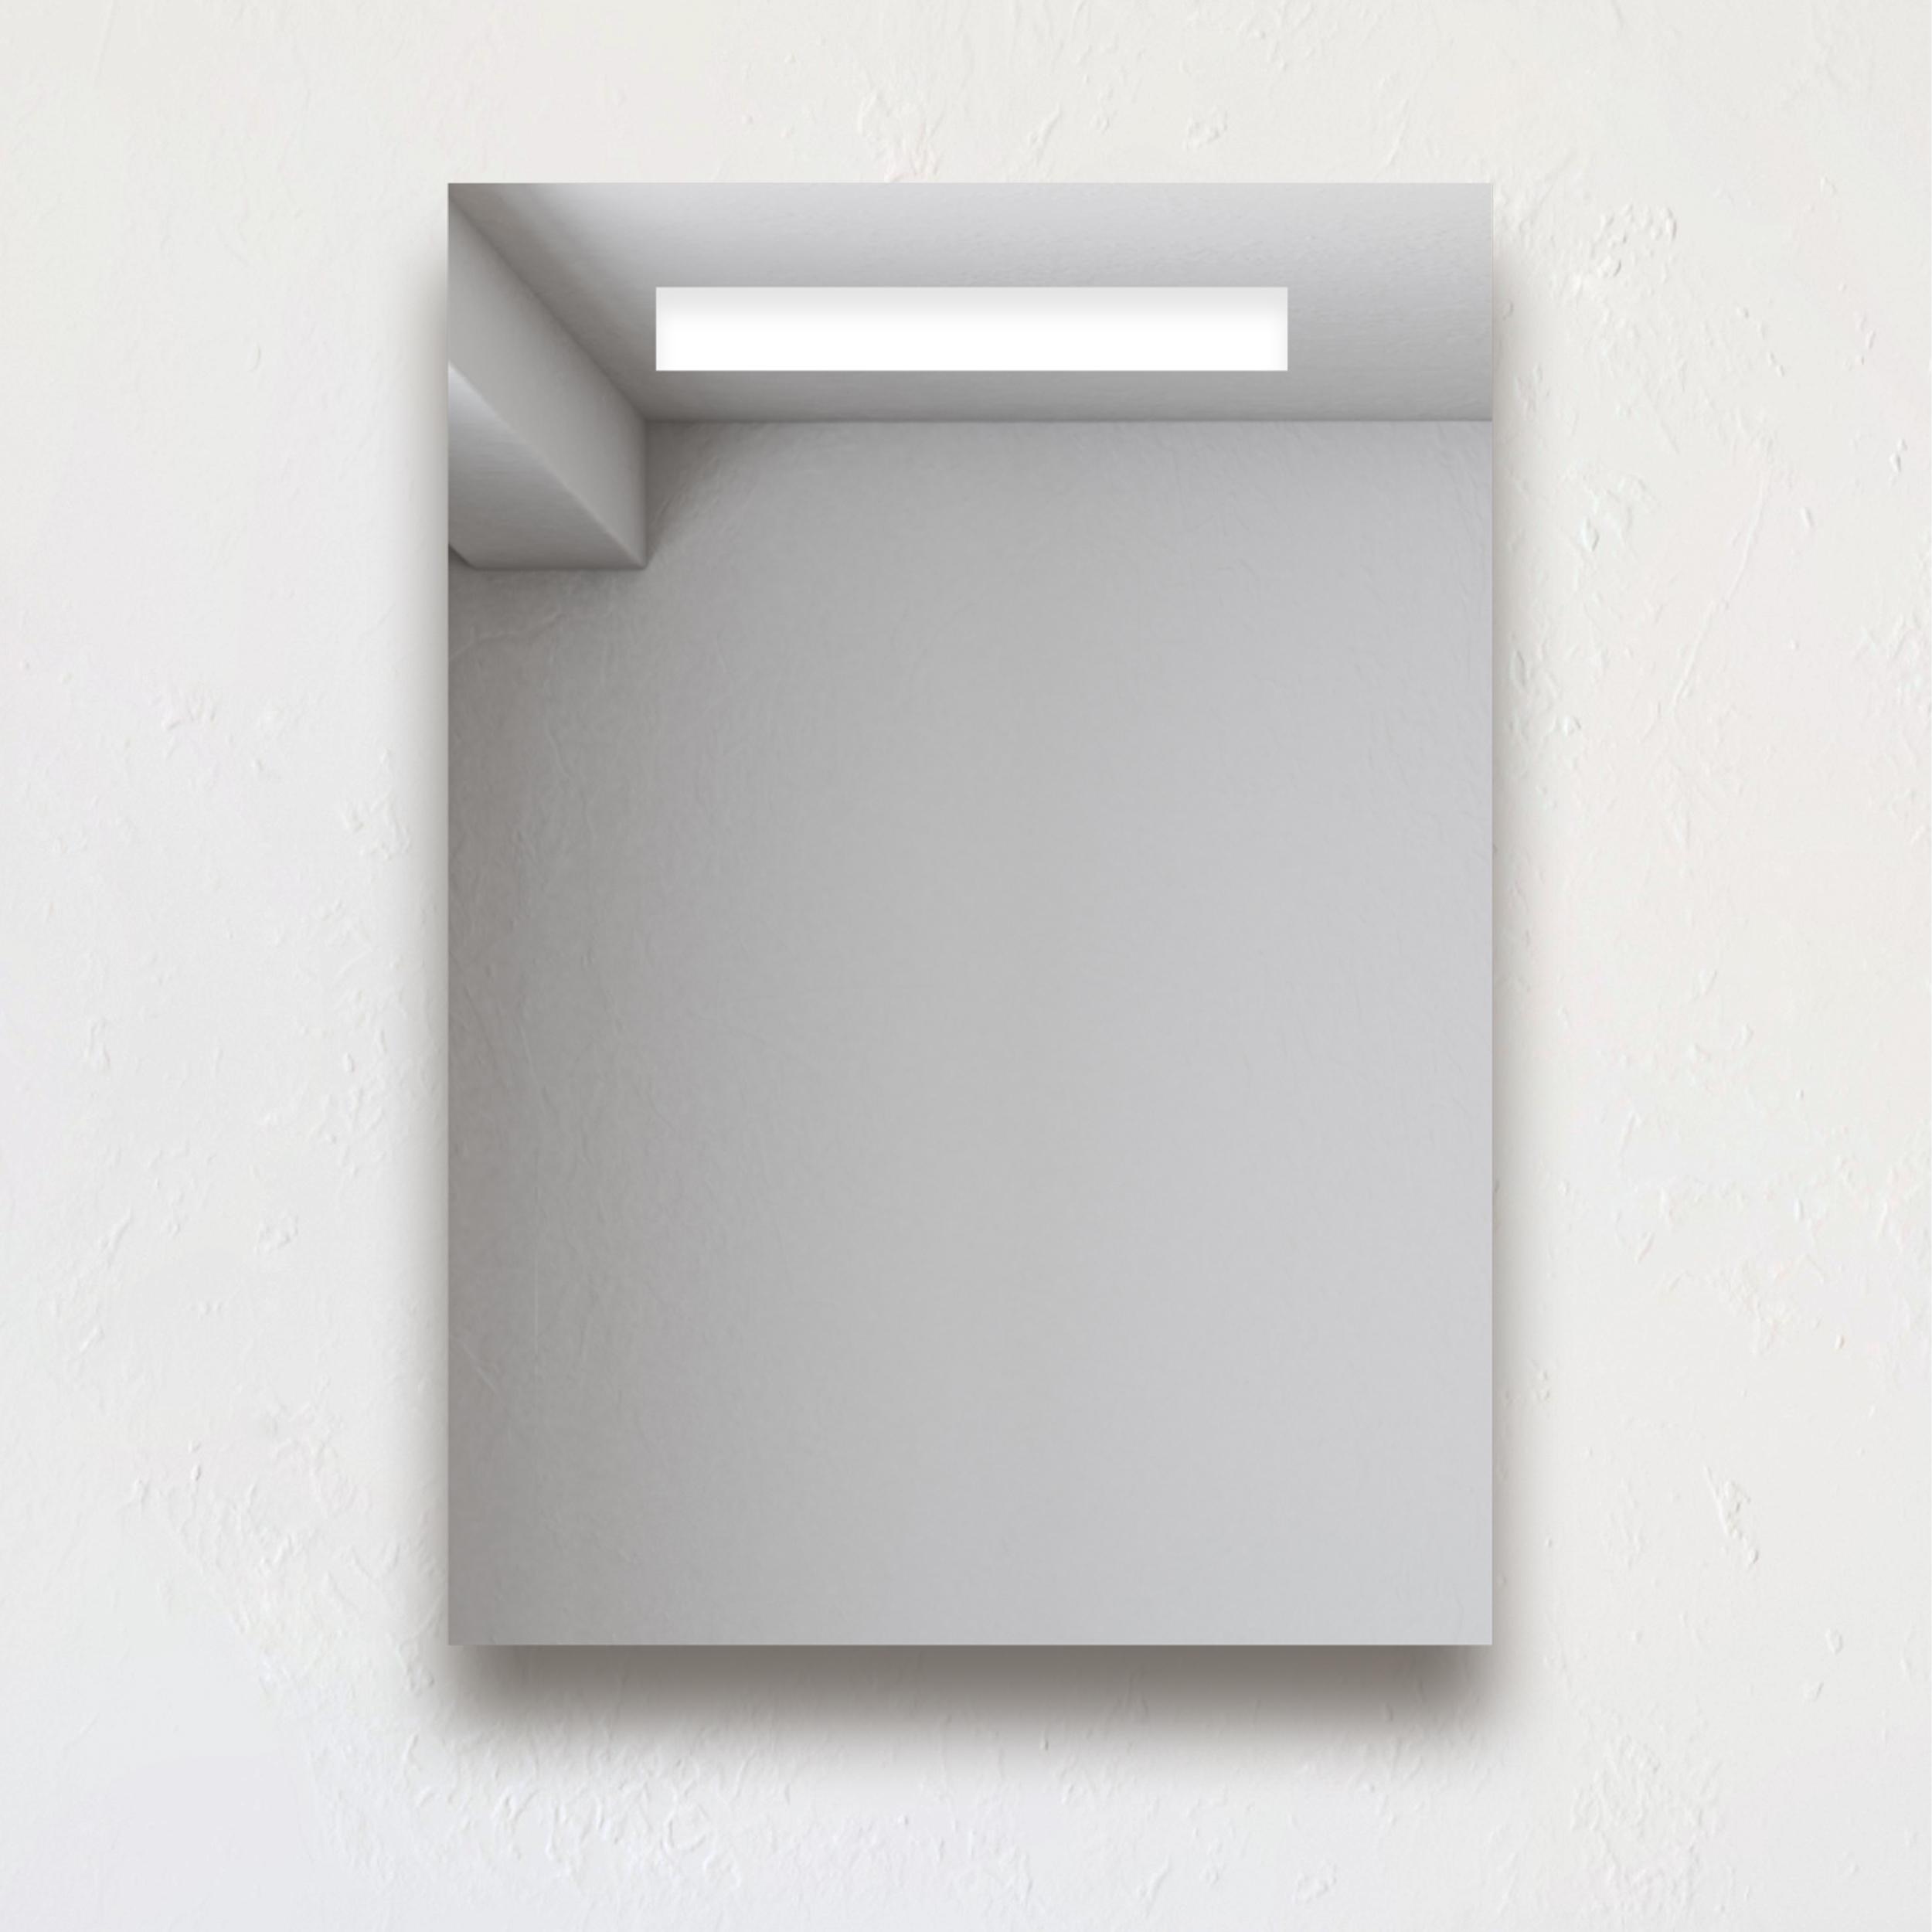 Warmweiß 667975 STANDARD-SERIE Wandspiegel Badspiegel LED Spiegel Kaltweiß